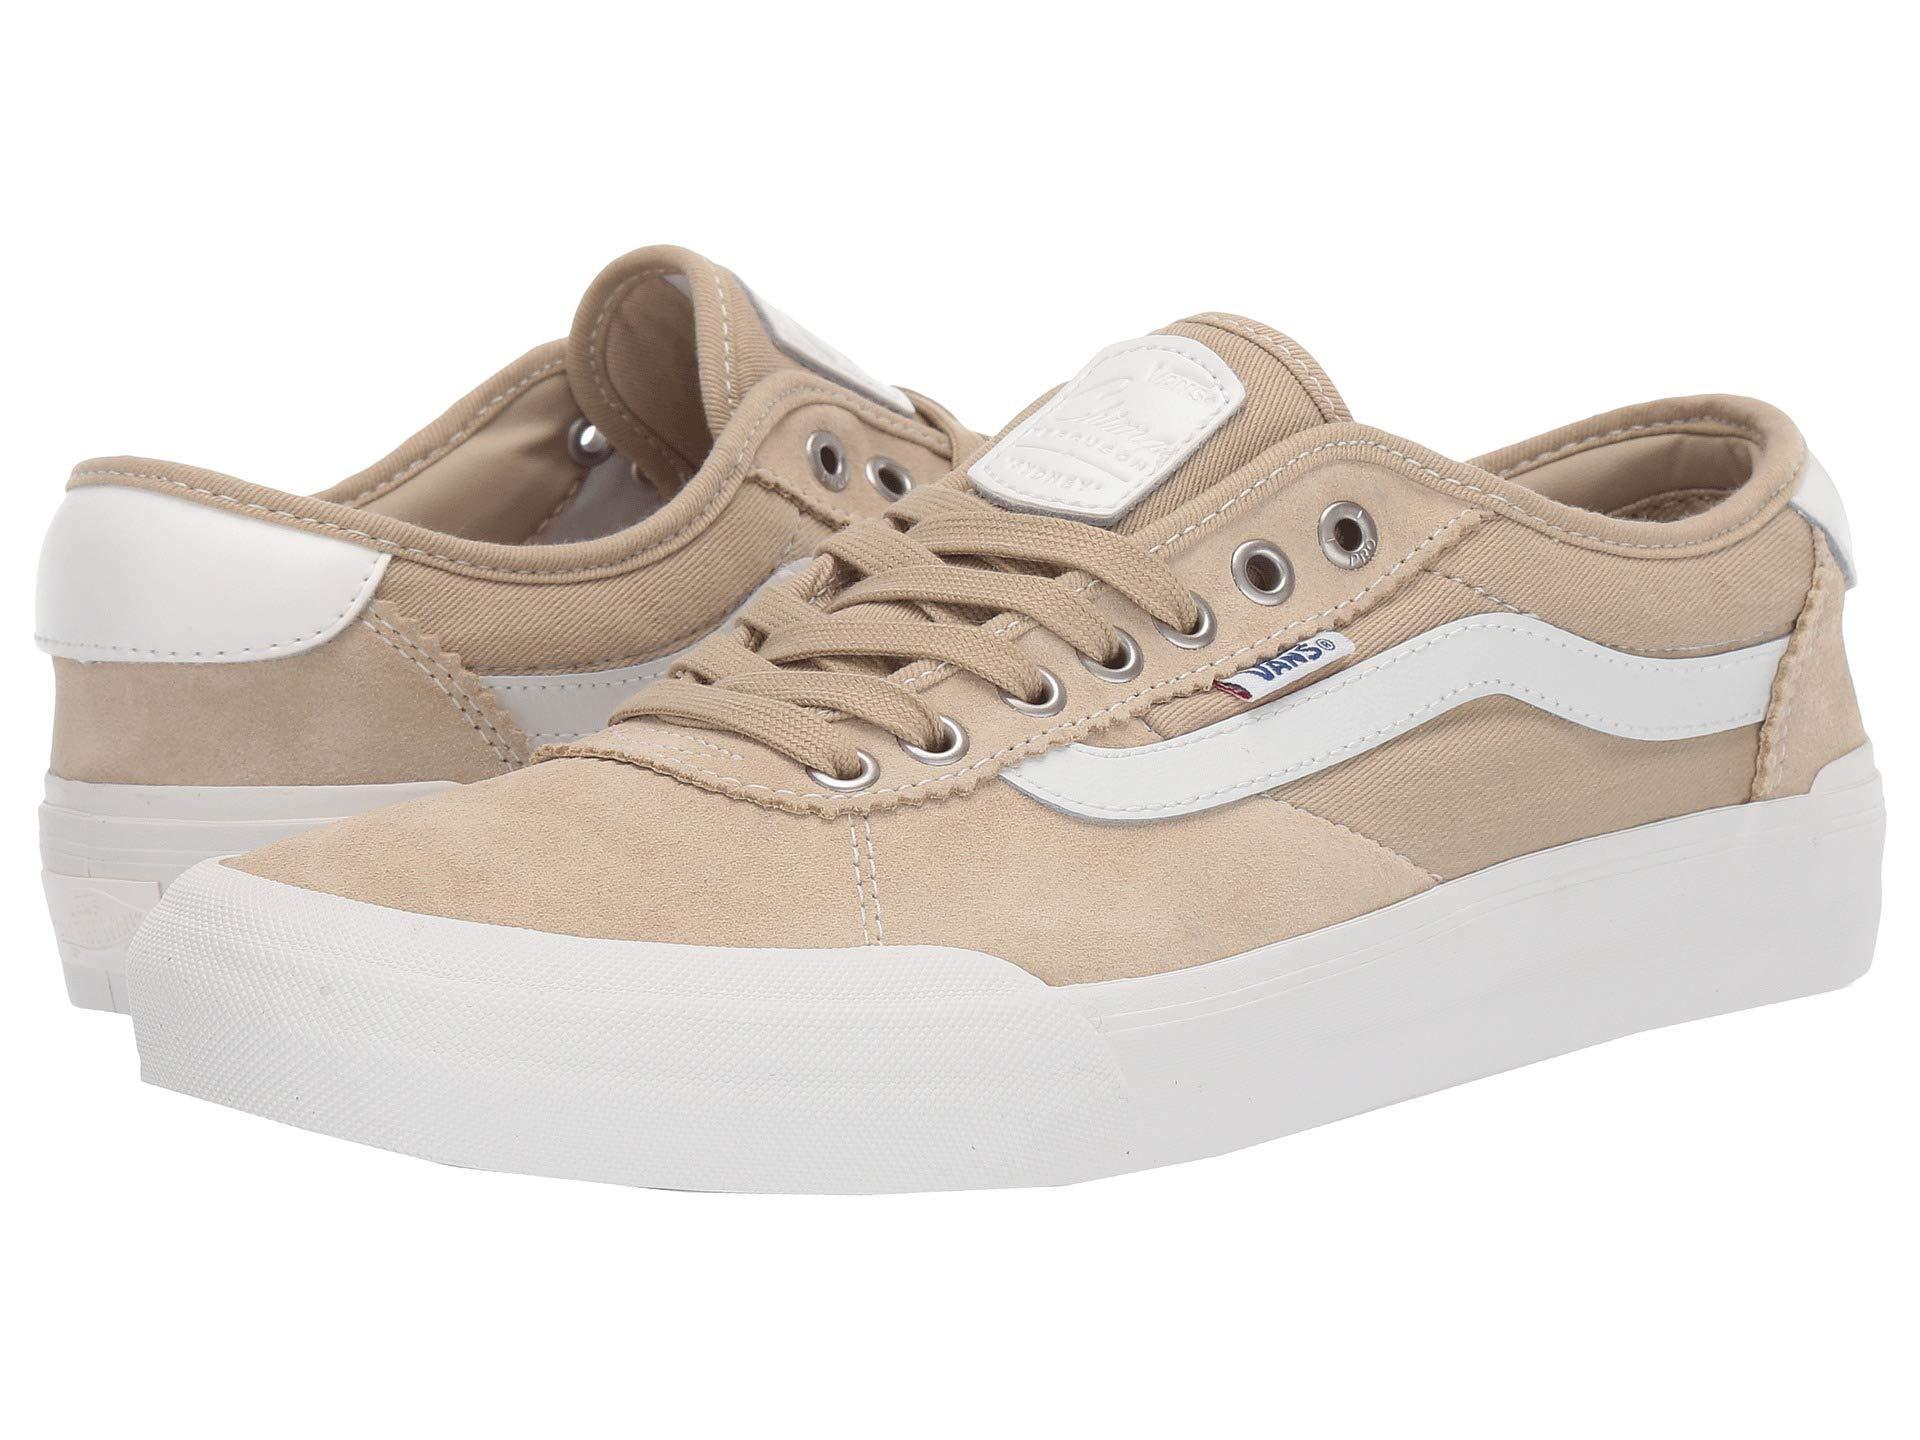 43396ab5cb8 Lyst - Vans Chima Pro 2 ((retro) Slate Green) Men s Skate Shoes in ...